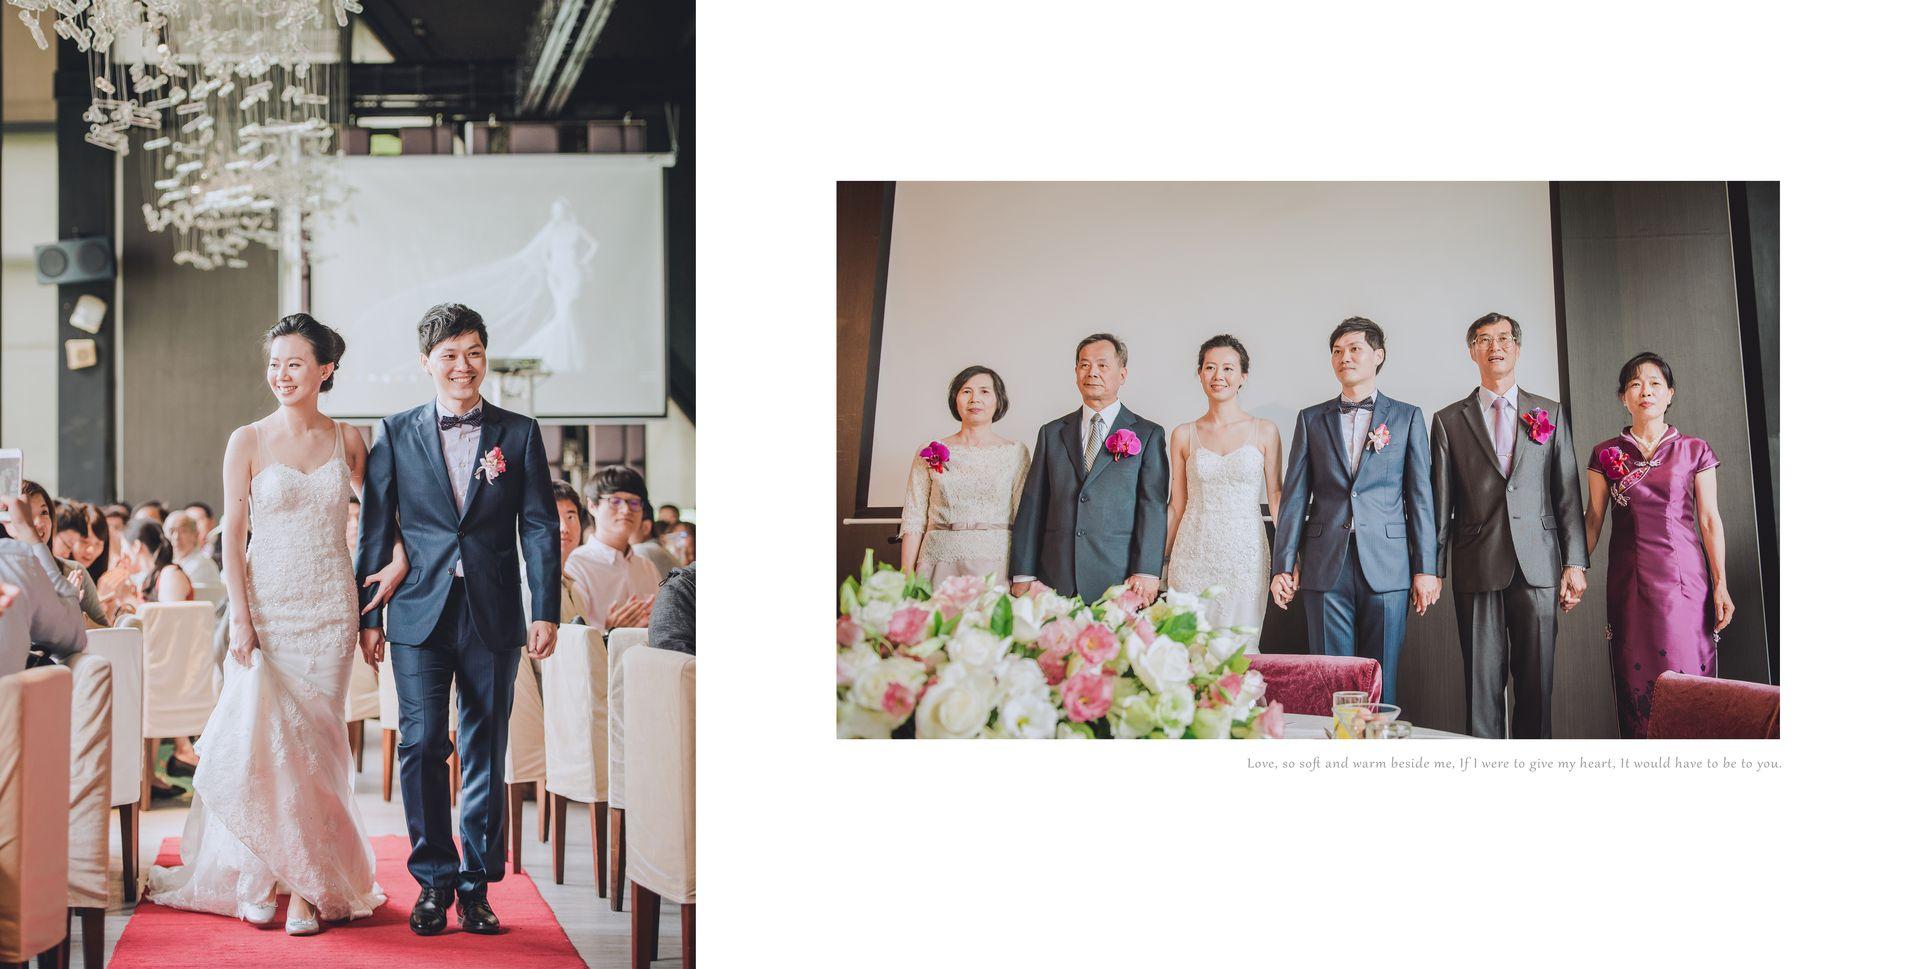 台中-印月東方宴-婚攝-推薦--雙人雙機-婚禮紀錄-麥克雷雙攝影